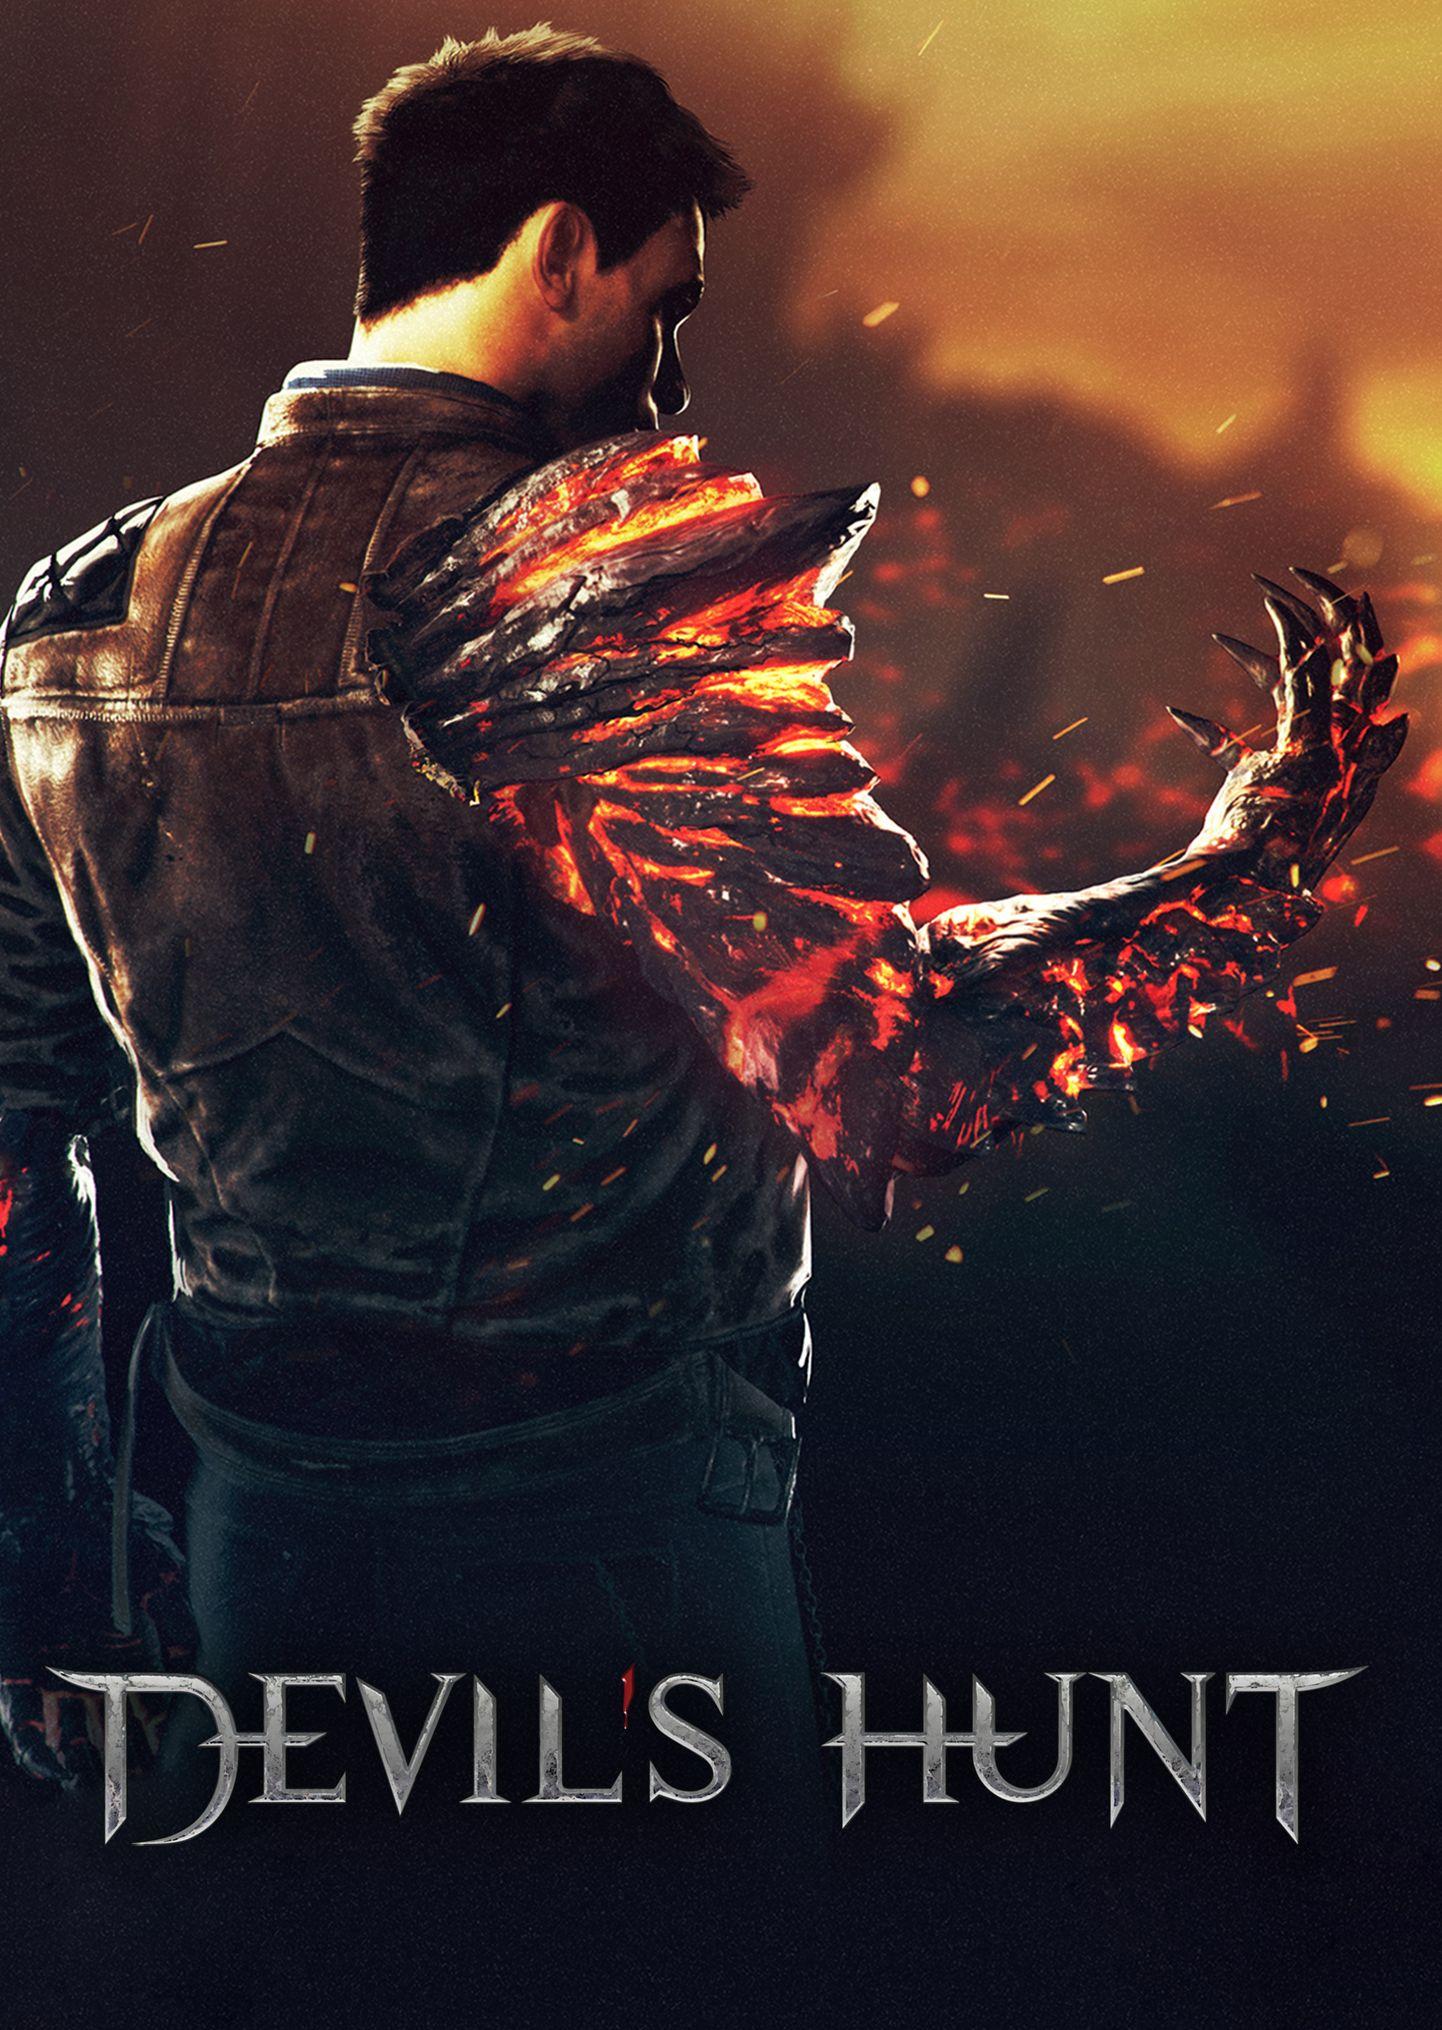 Devil's-Hunt-Box-Image.jpg